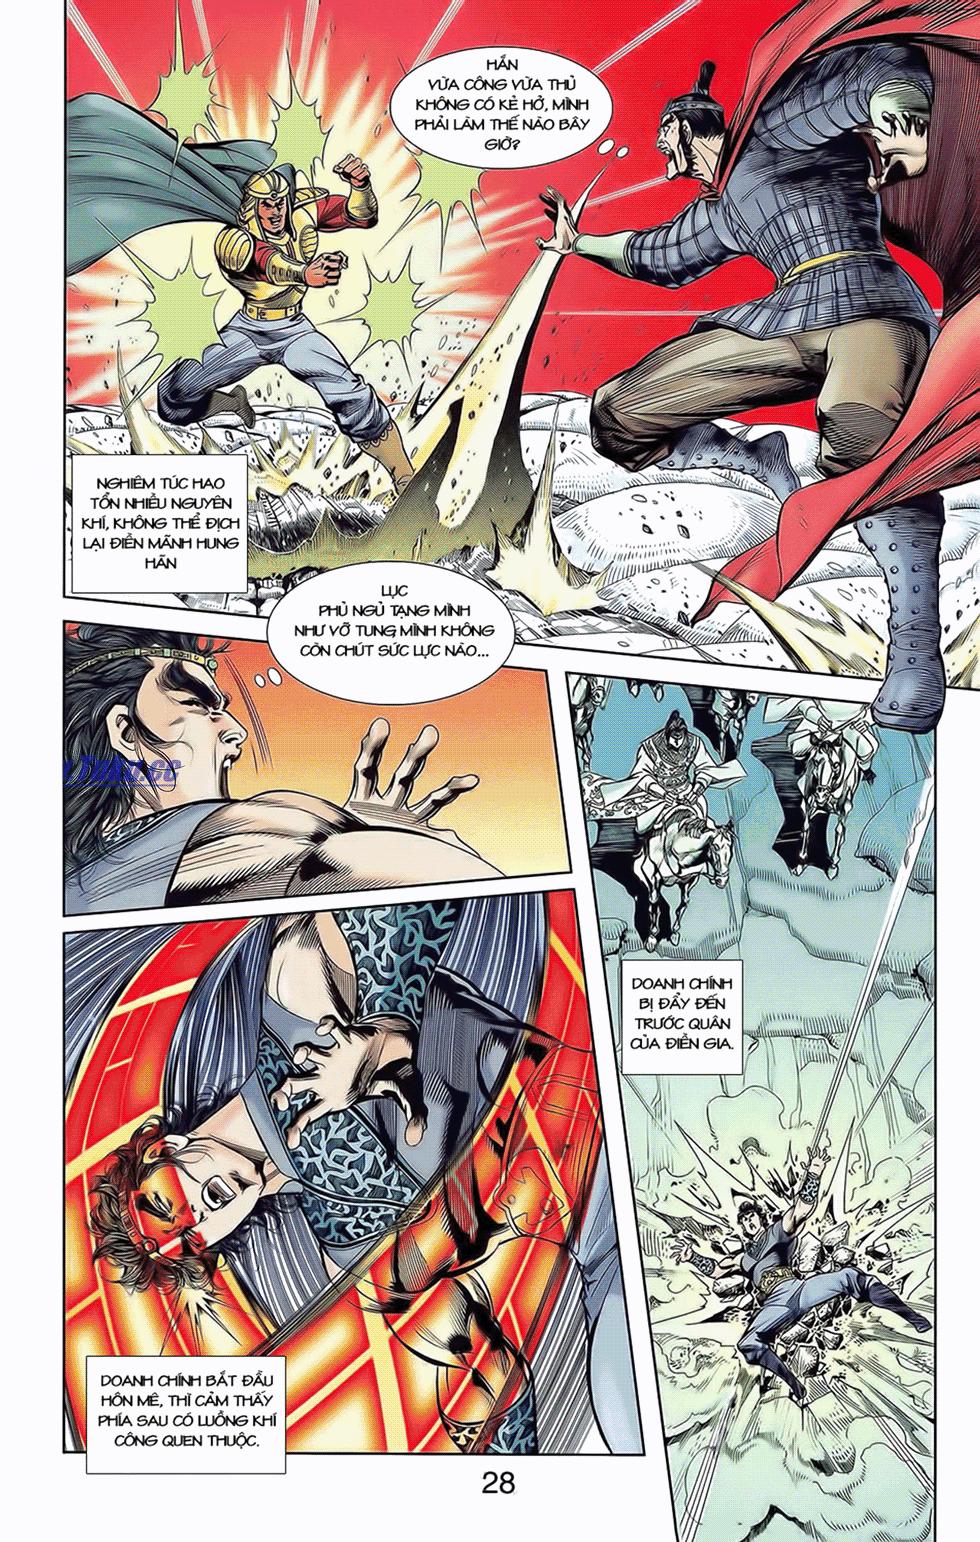 Tần Vương Doanh Chính chapter 9 trang 29